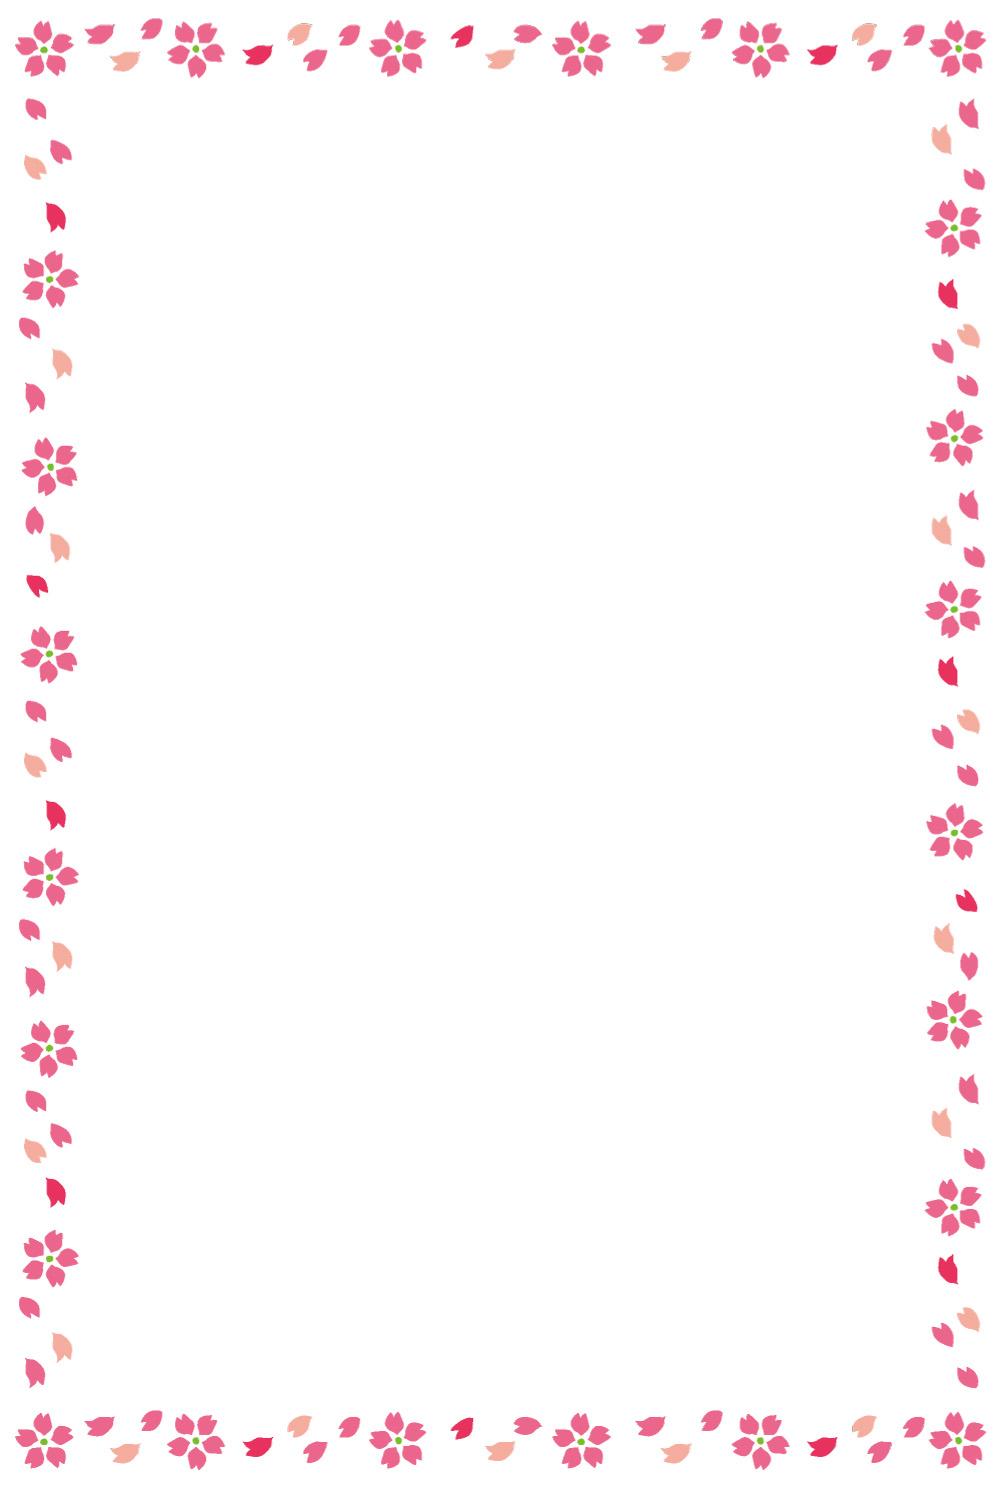 桜のイラストフレーム(枠)